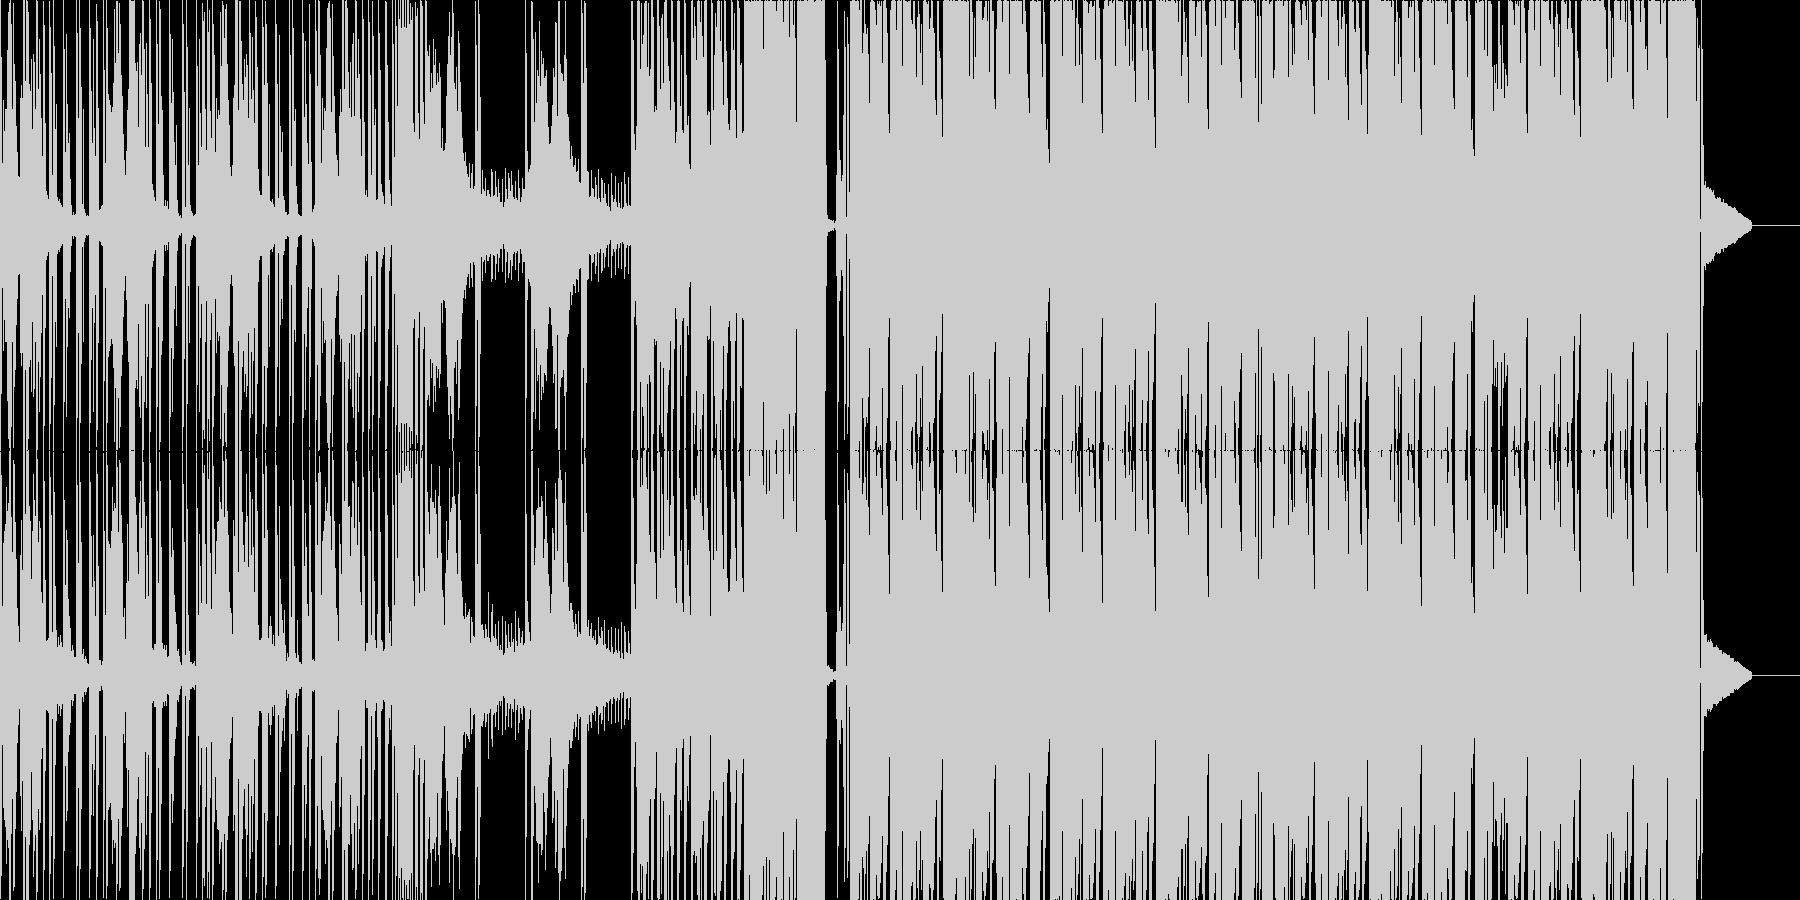 怖めなダーク・ダブステップの未再生の波形